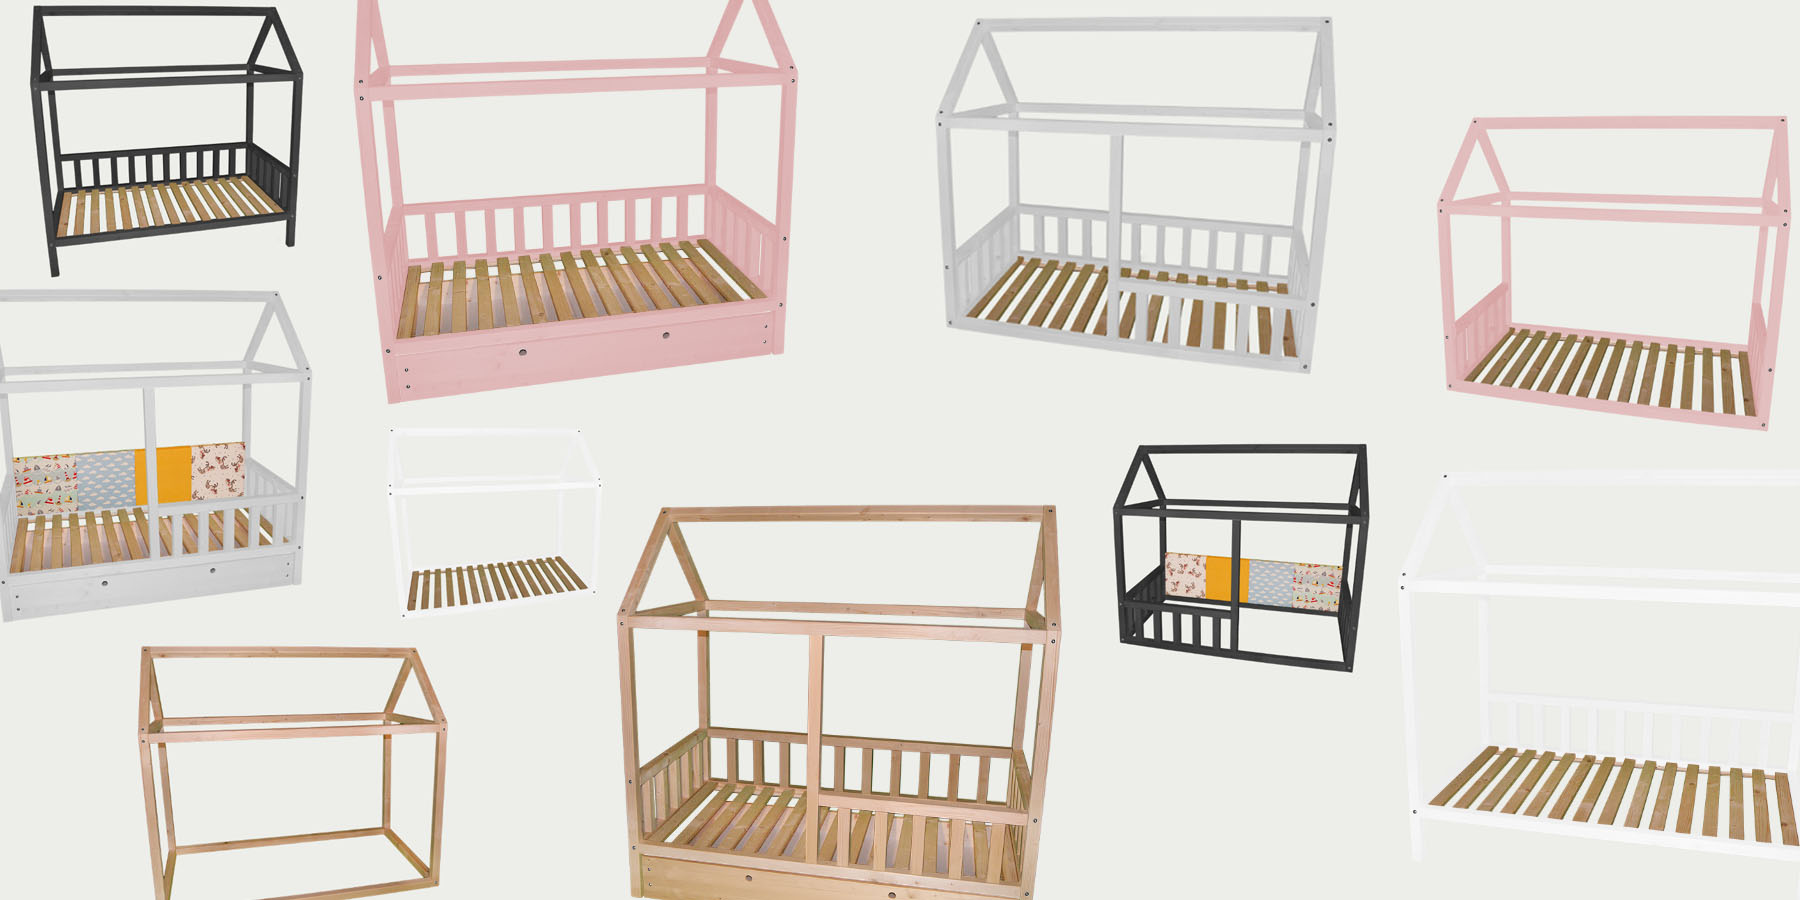 łóżko Domek Pełna Konfiguracja łóżka W Kształcie Domku Meble Dziecięce Premium